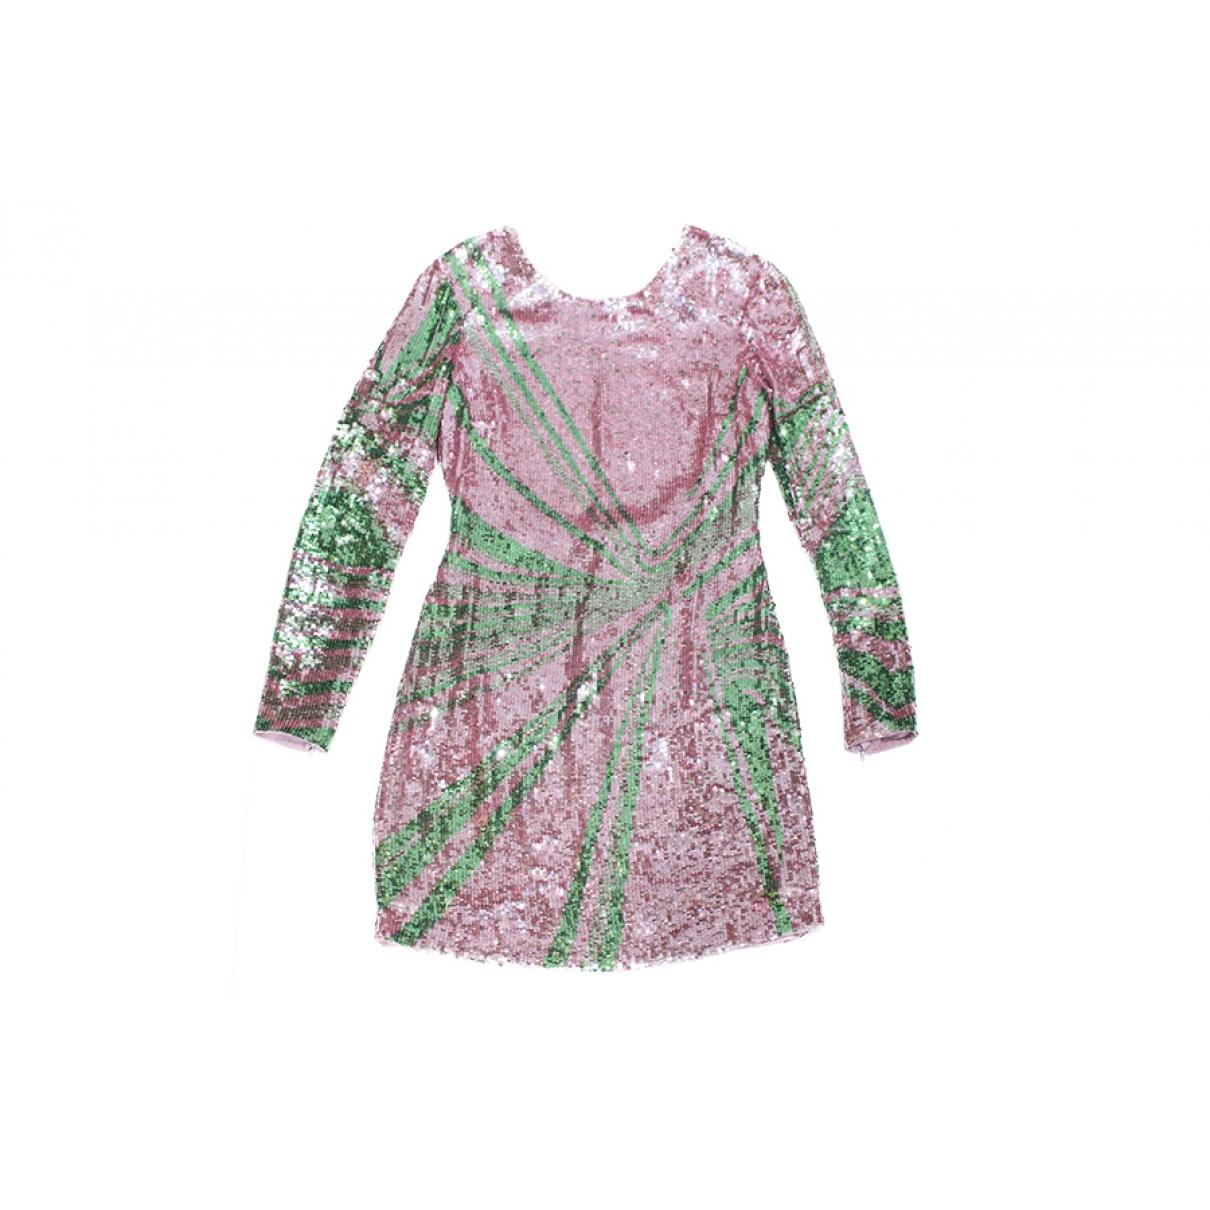 Versace \N Kleid in  Bunt Mit Pailletten